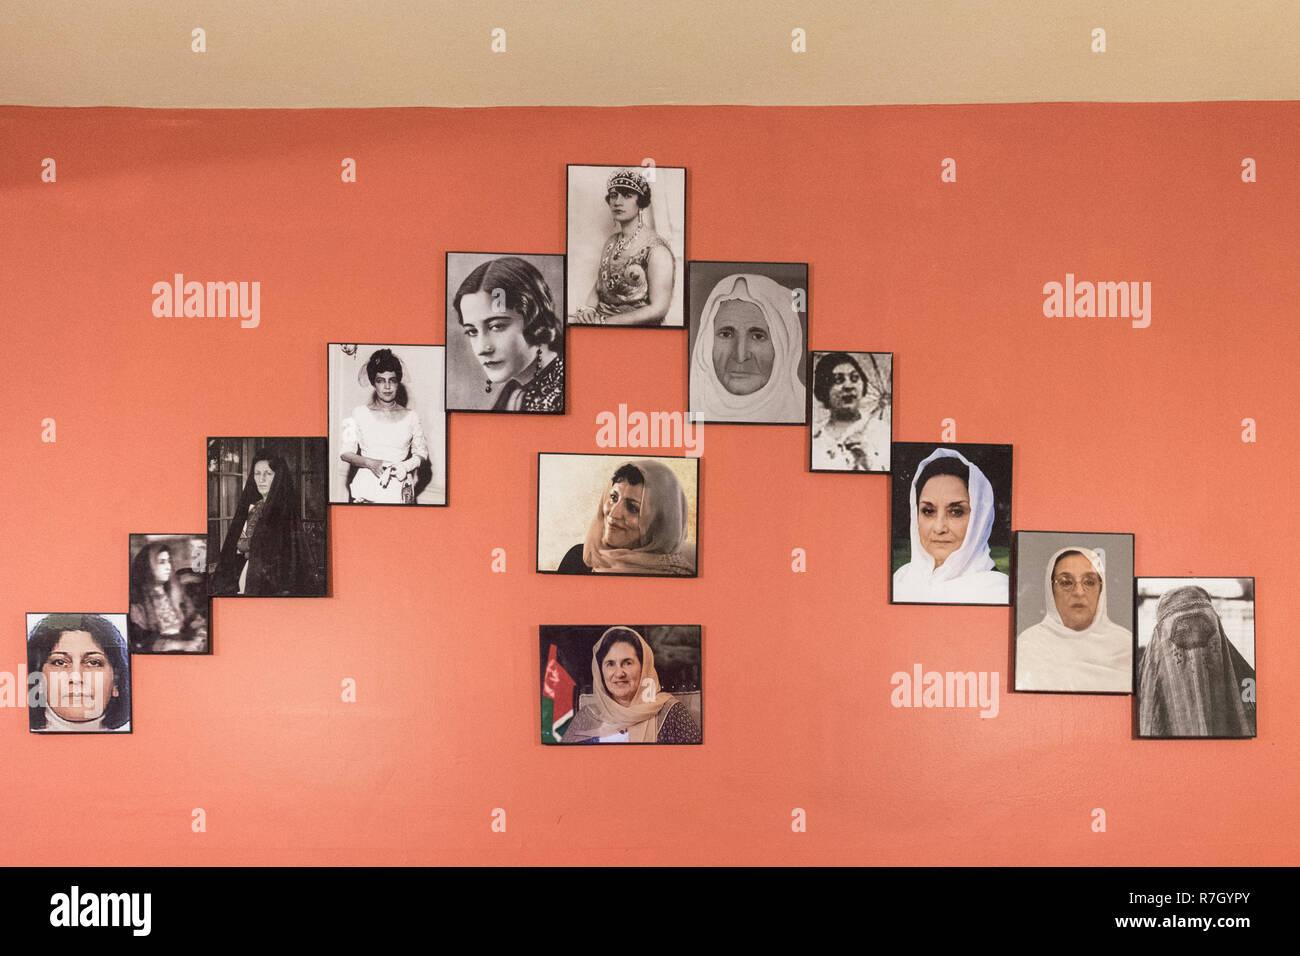 Bilder der Ehefrauen der aufeinanderfolgenden Herrscher Afghanistans in einem Restaurant, Kabul, Afghanistan, Kabul Provinz Stockbild